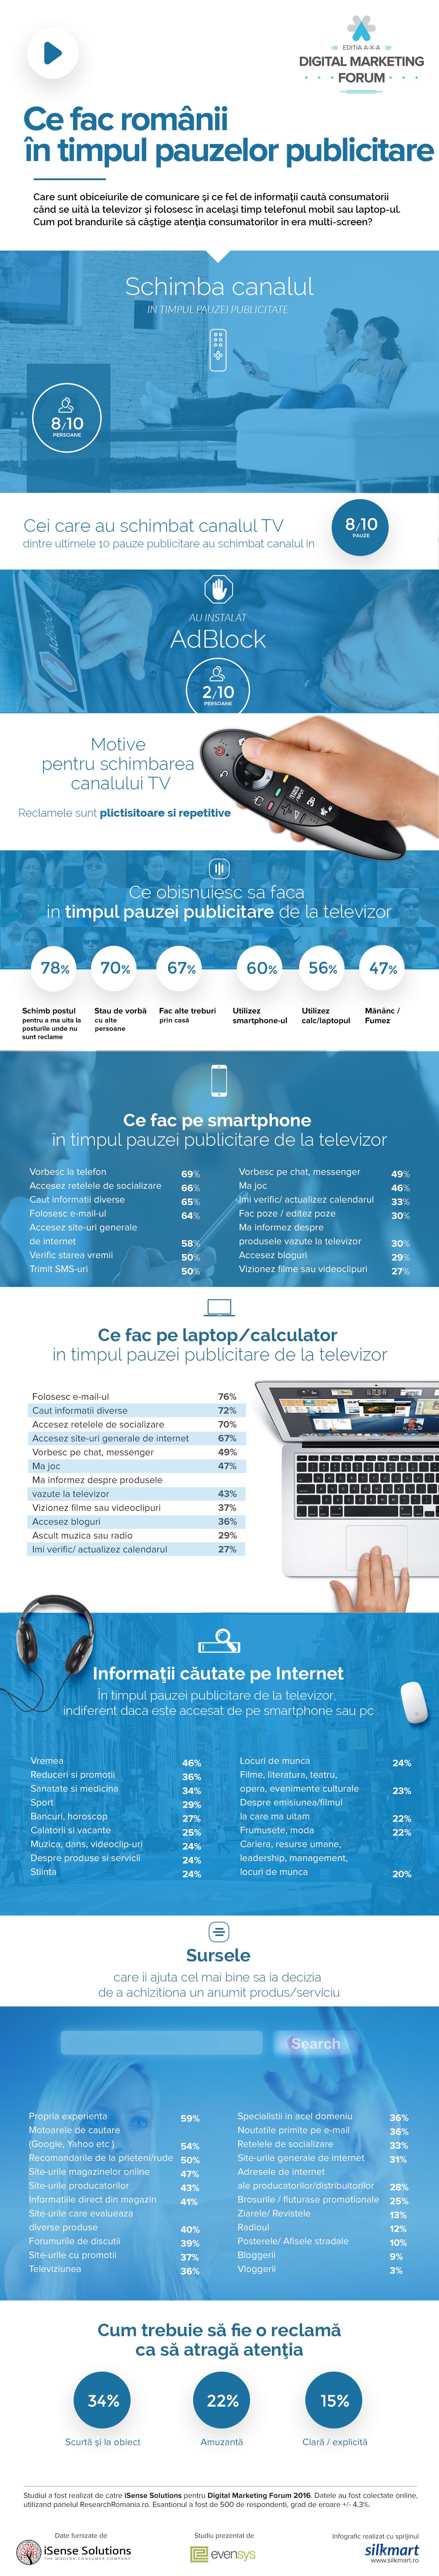 infografic-dmf